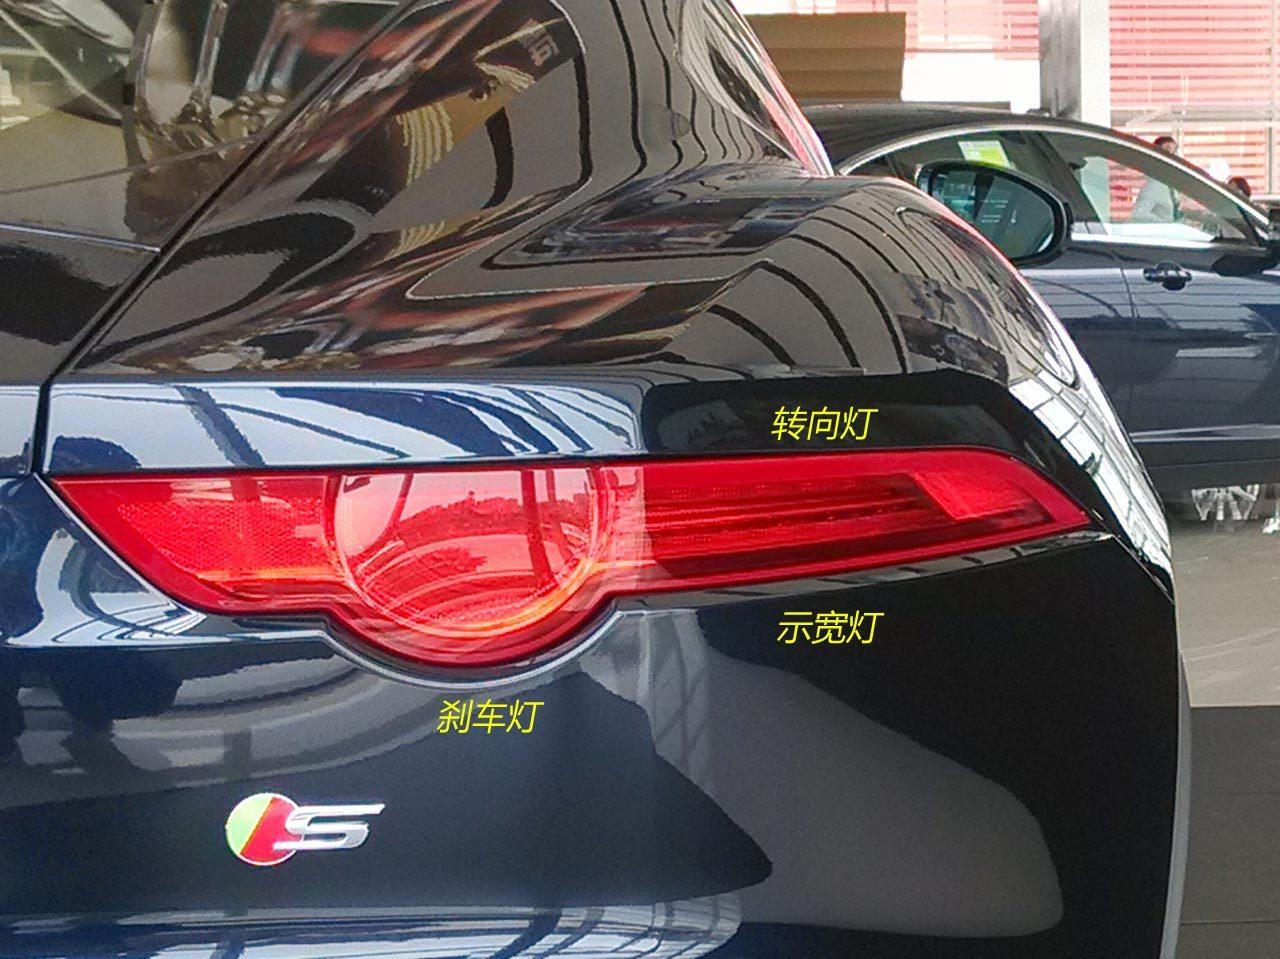 捷豹F-TYPE-2015款-3.0T-S-硬顶版